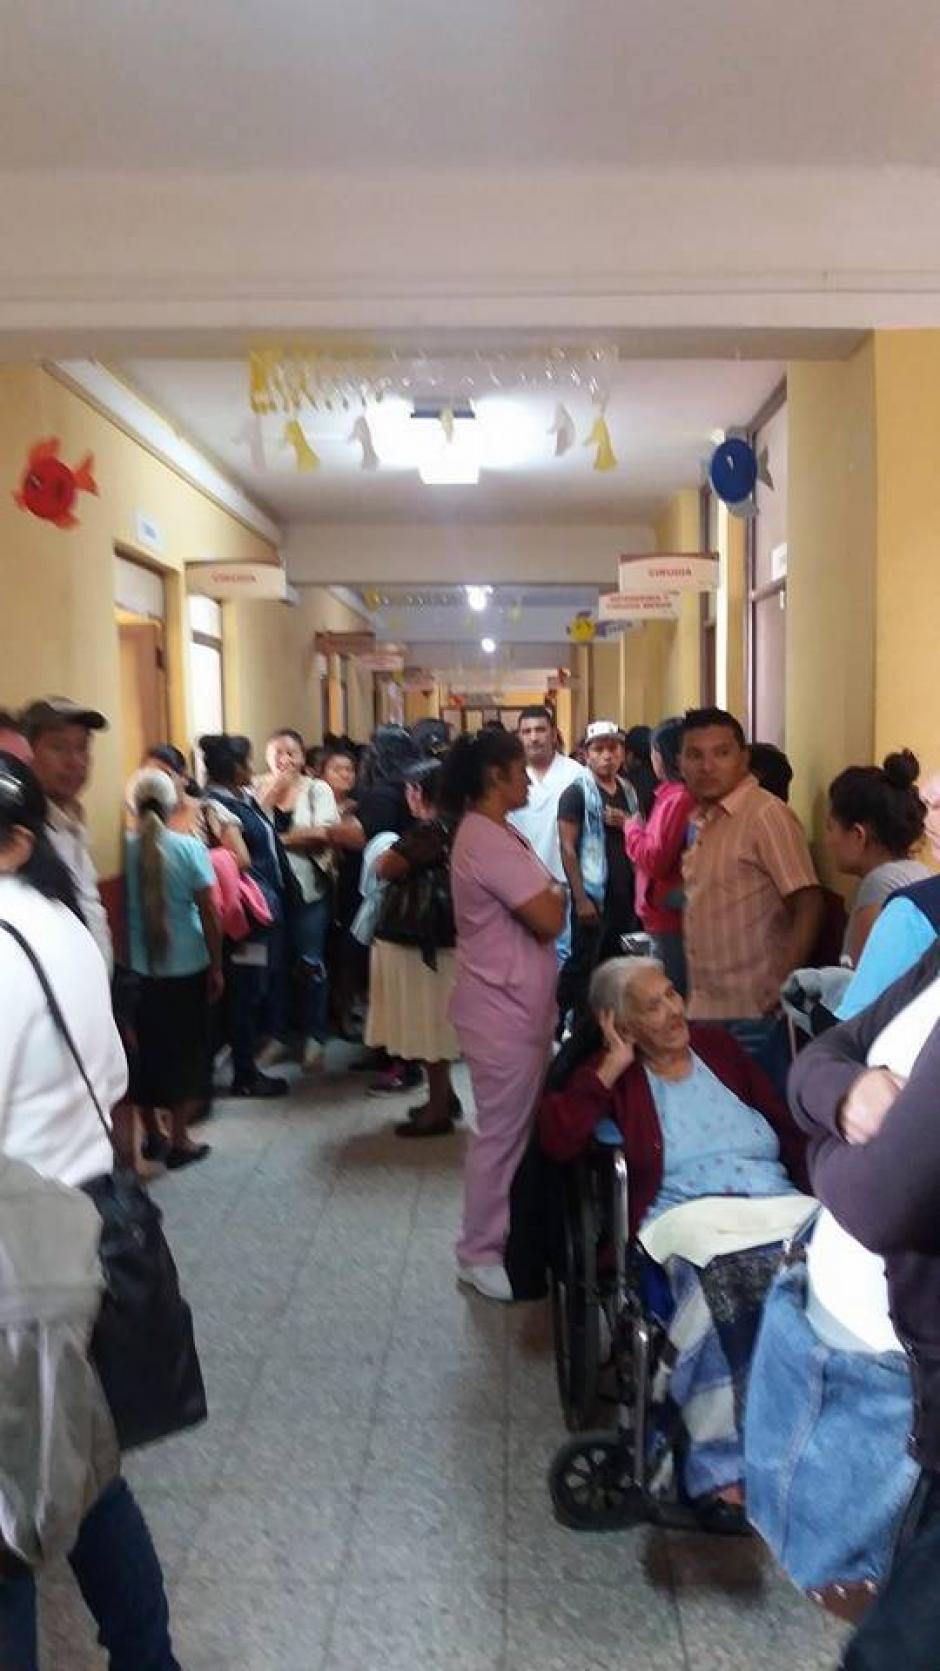 Pacientes del Hospital de Amatitlán son afectados por cierre de consulta externa, la medida se debe a la falta de insumos e incumplimiento de pago de salarios. (Foto:Pampichi News Amatitlán)